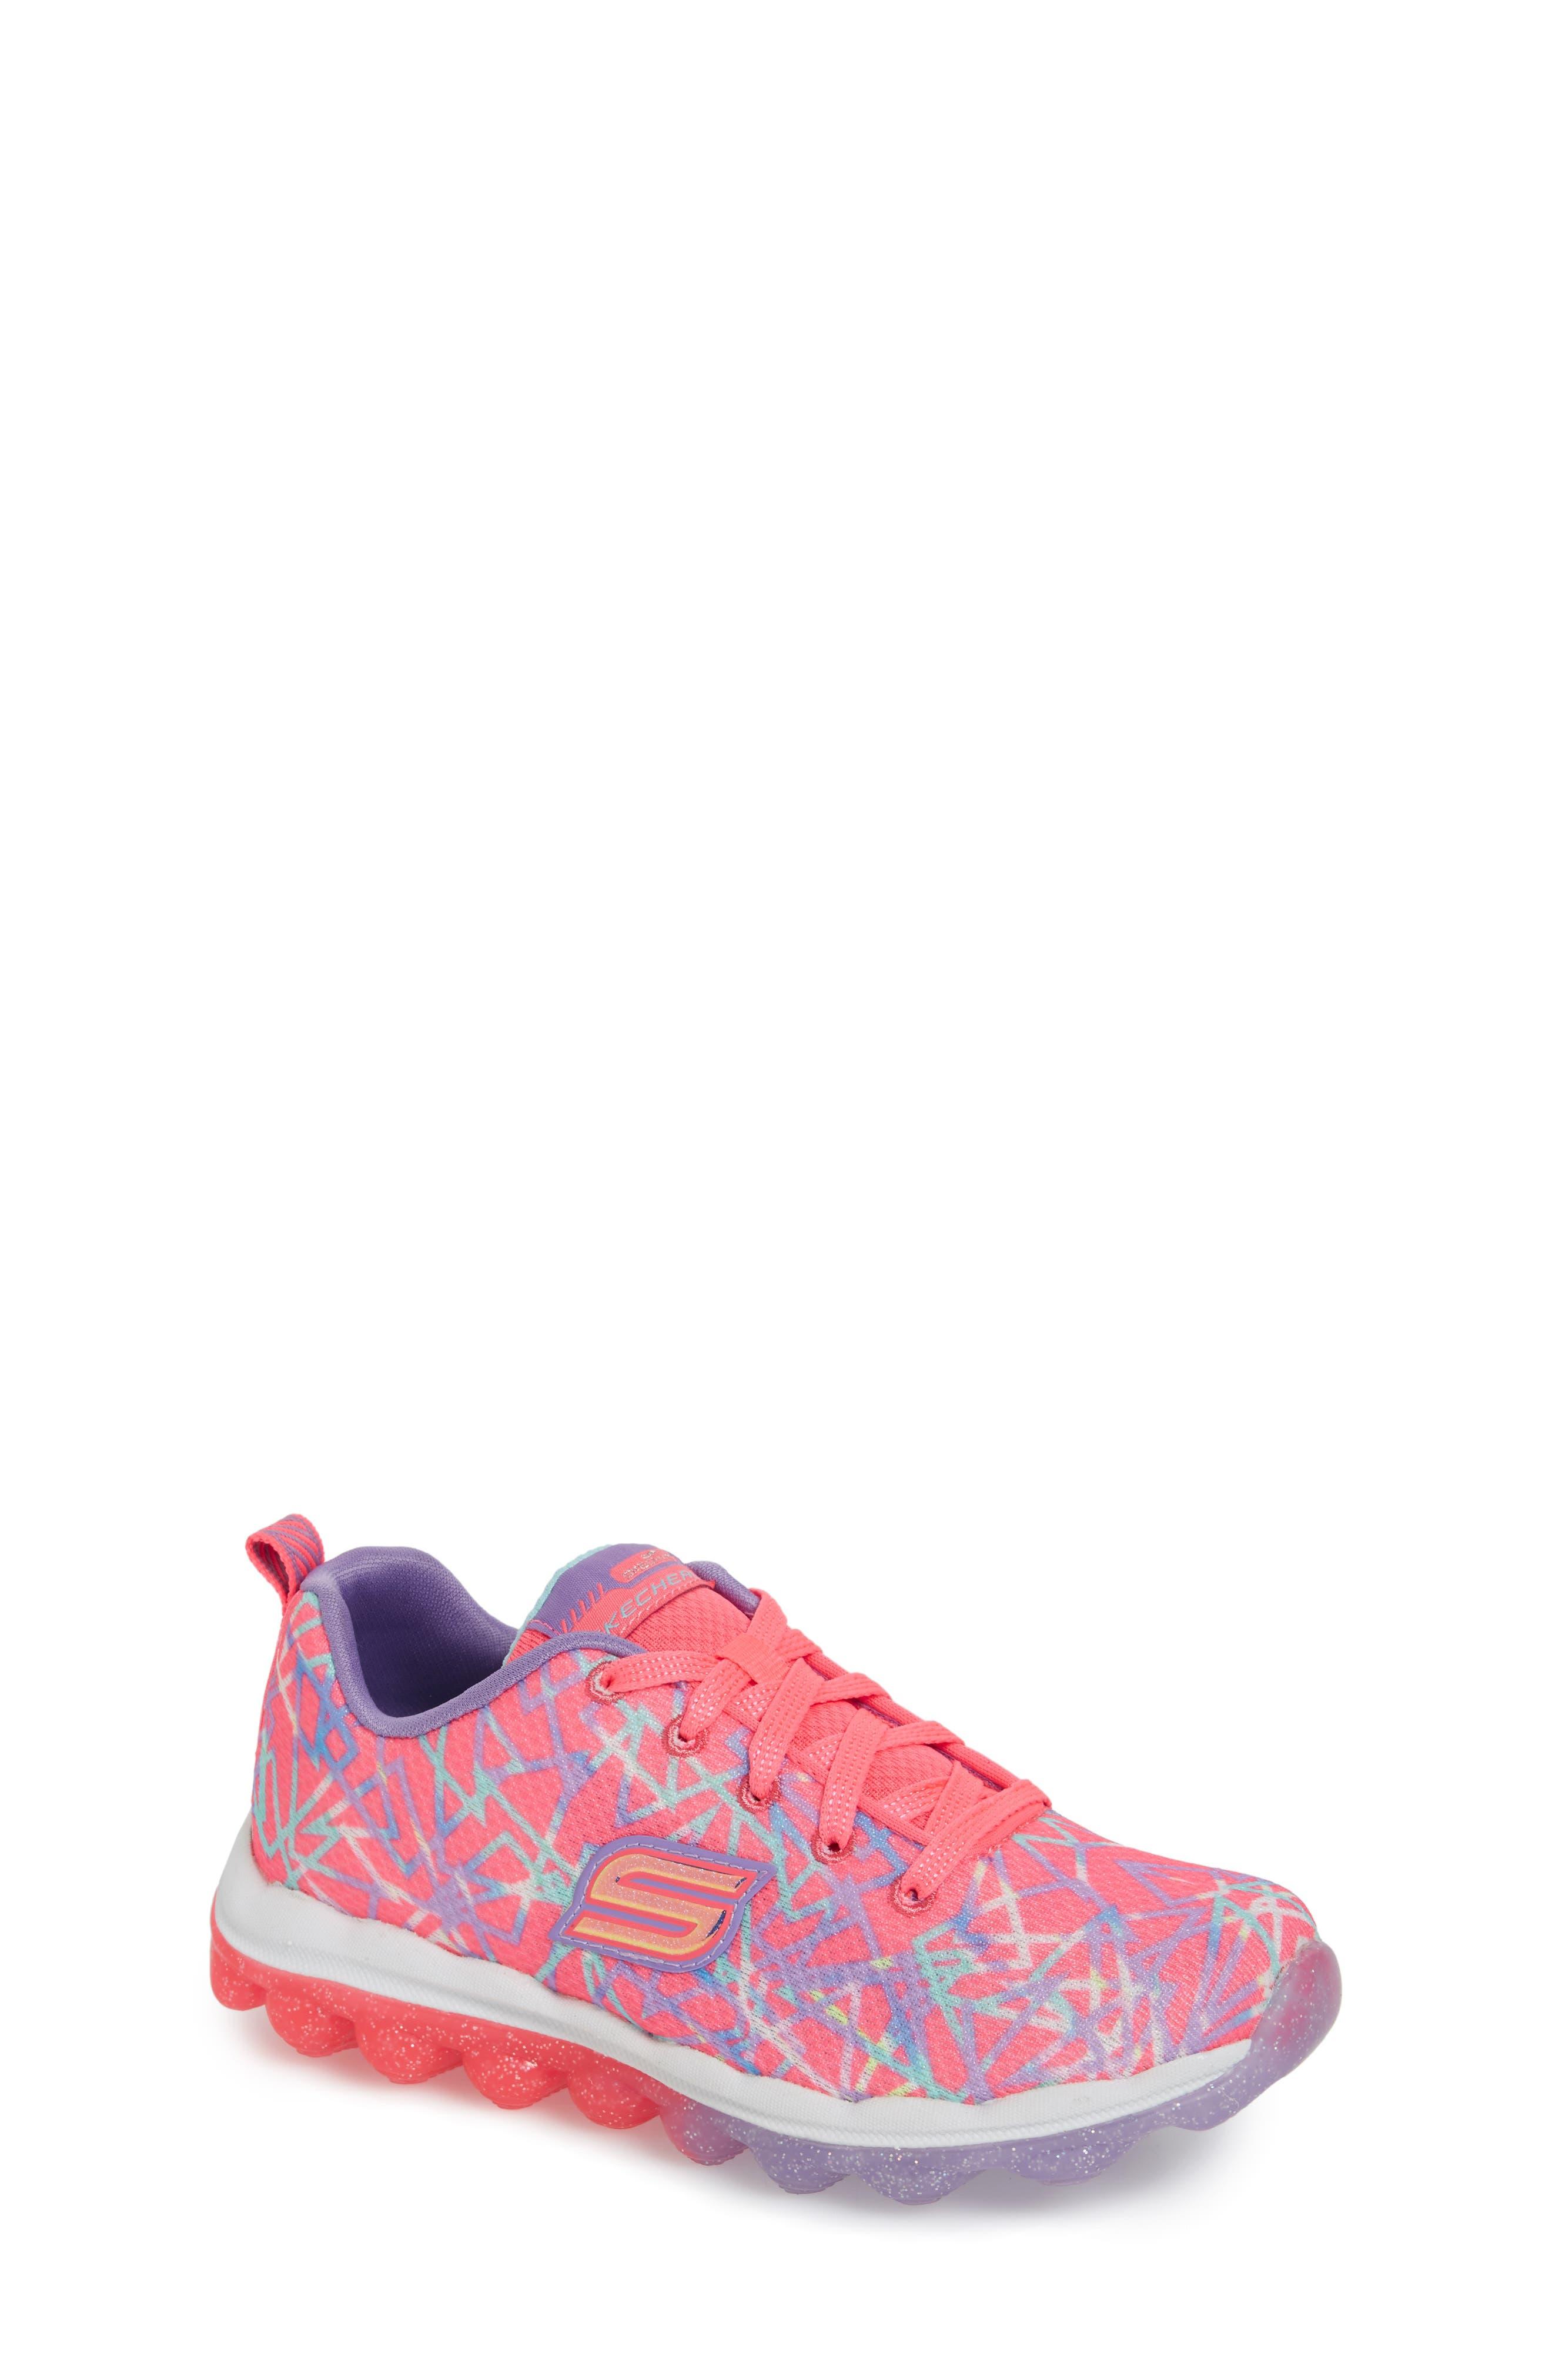 SKECHERS Skech-Air Sneaker